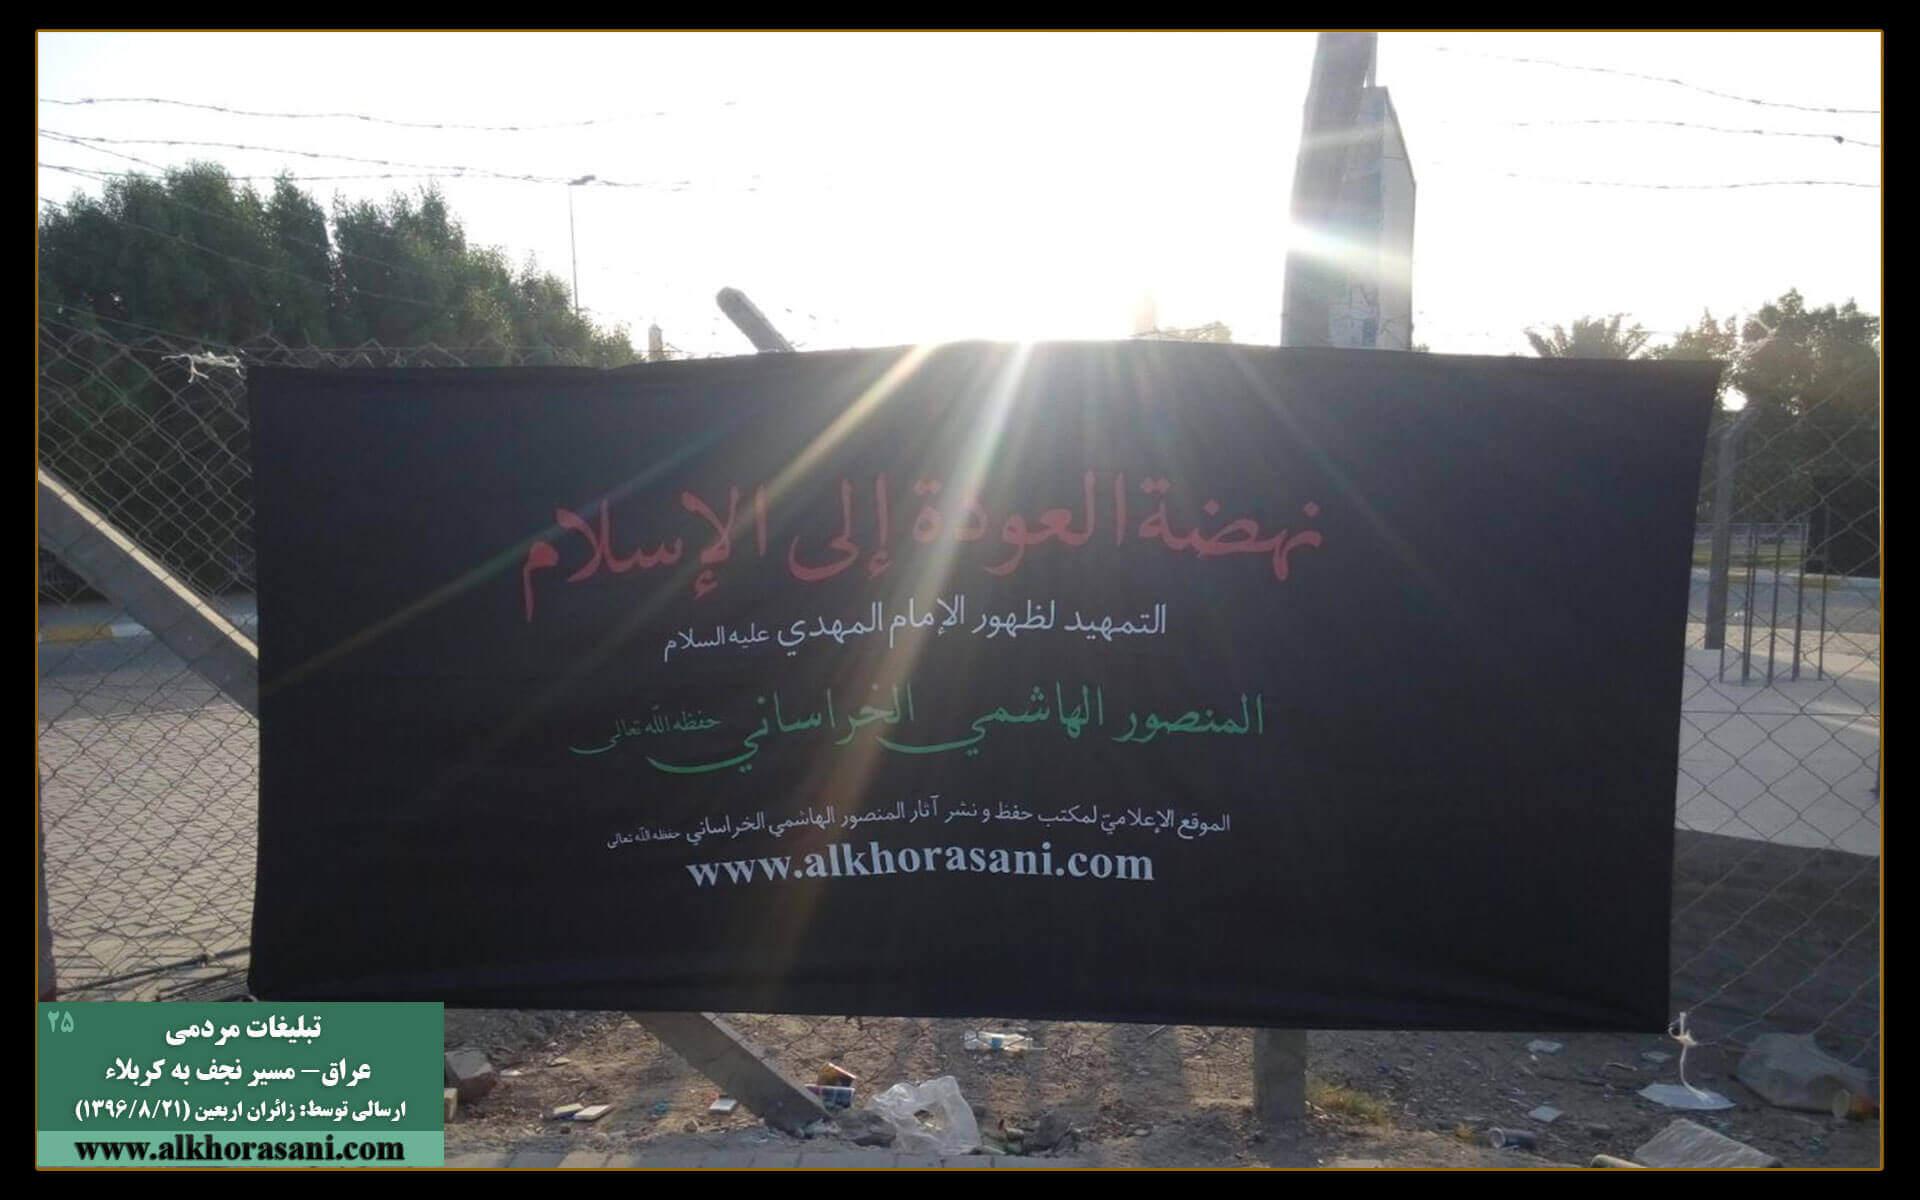 نهضة العودة إلی الإسلام